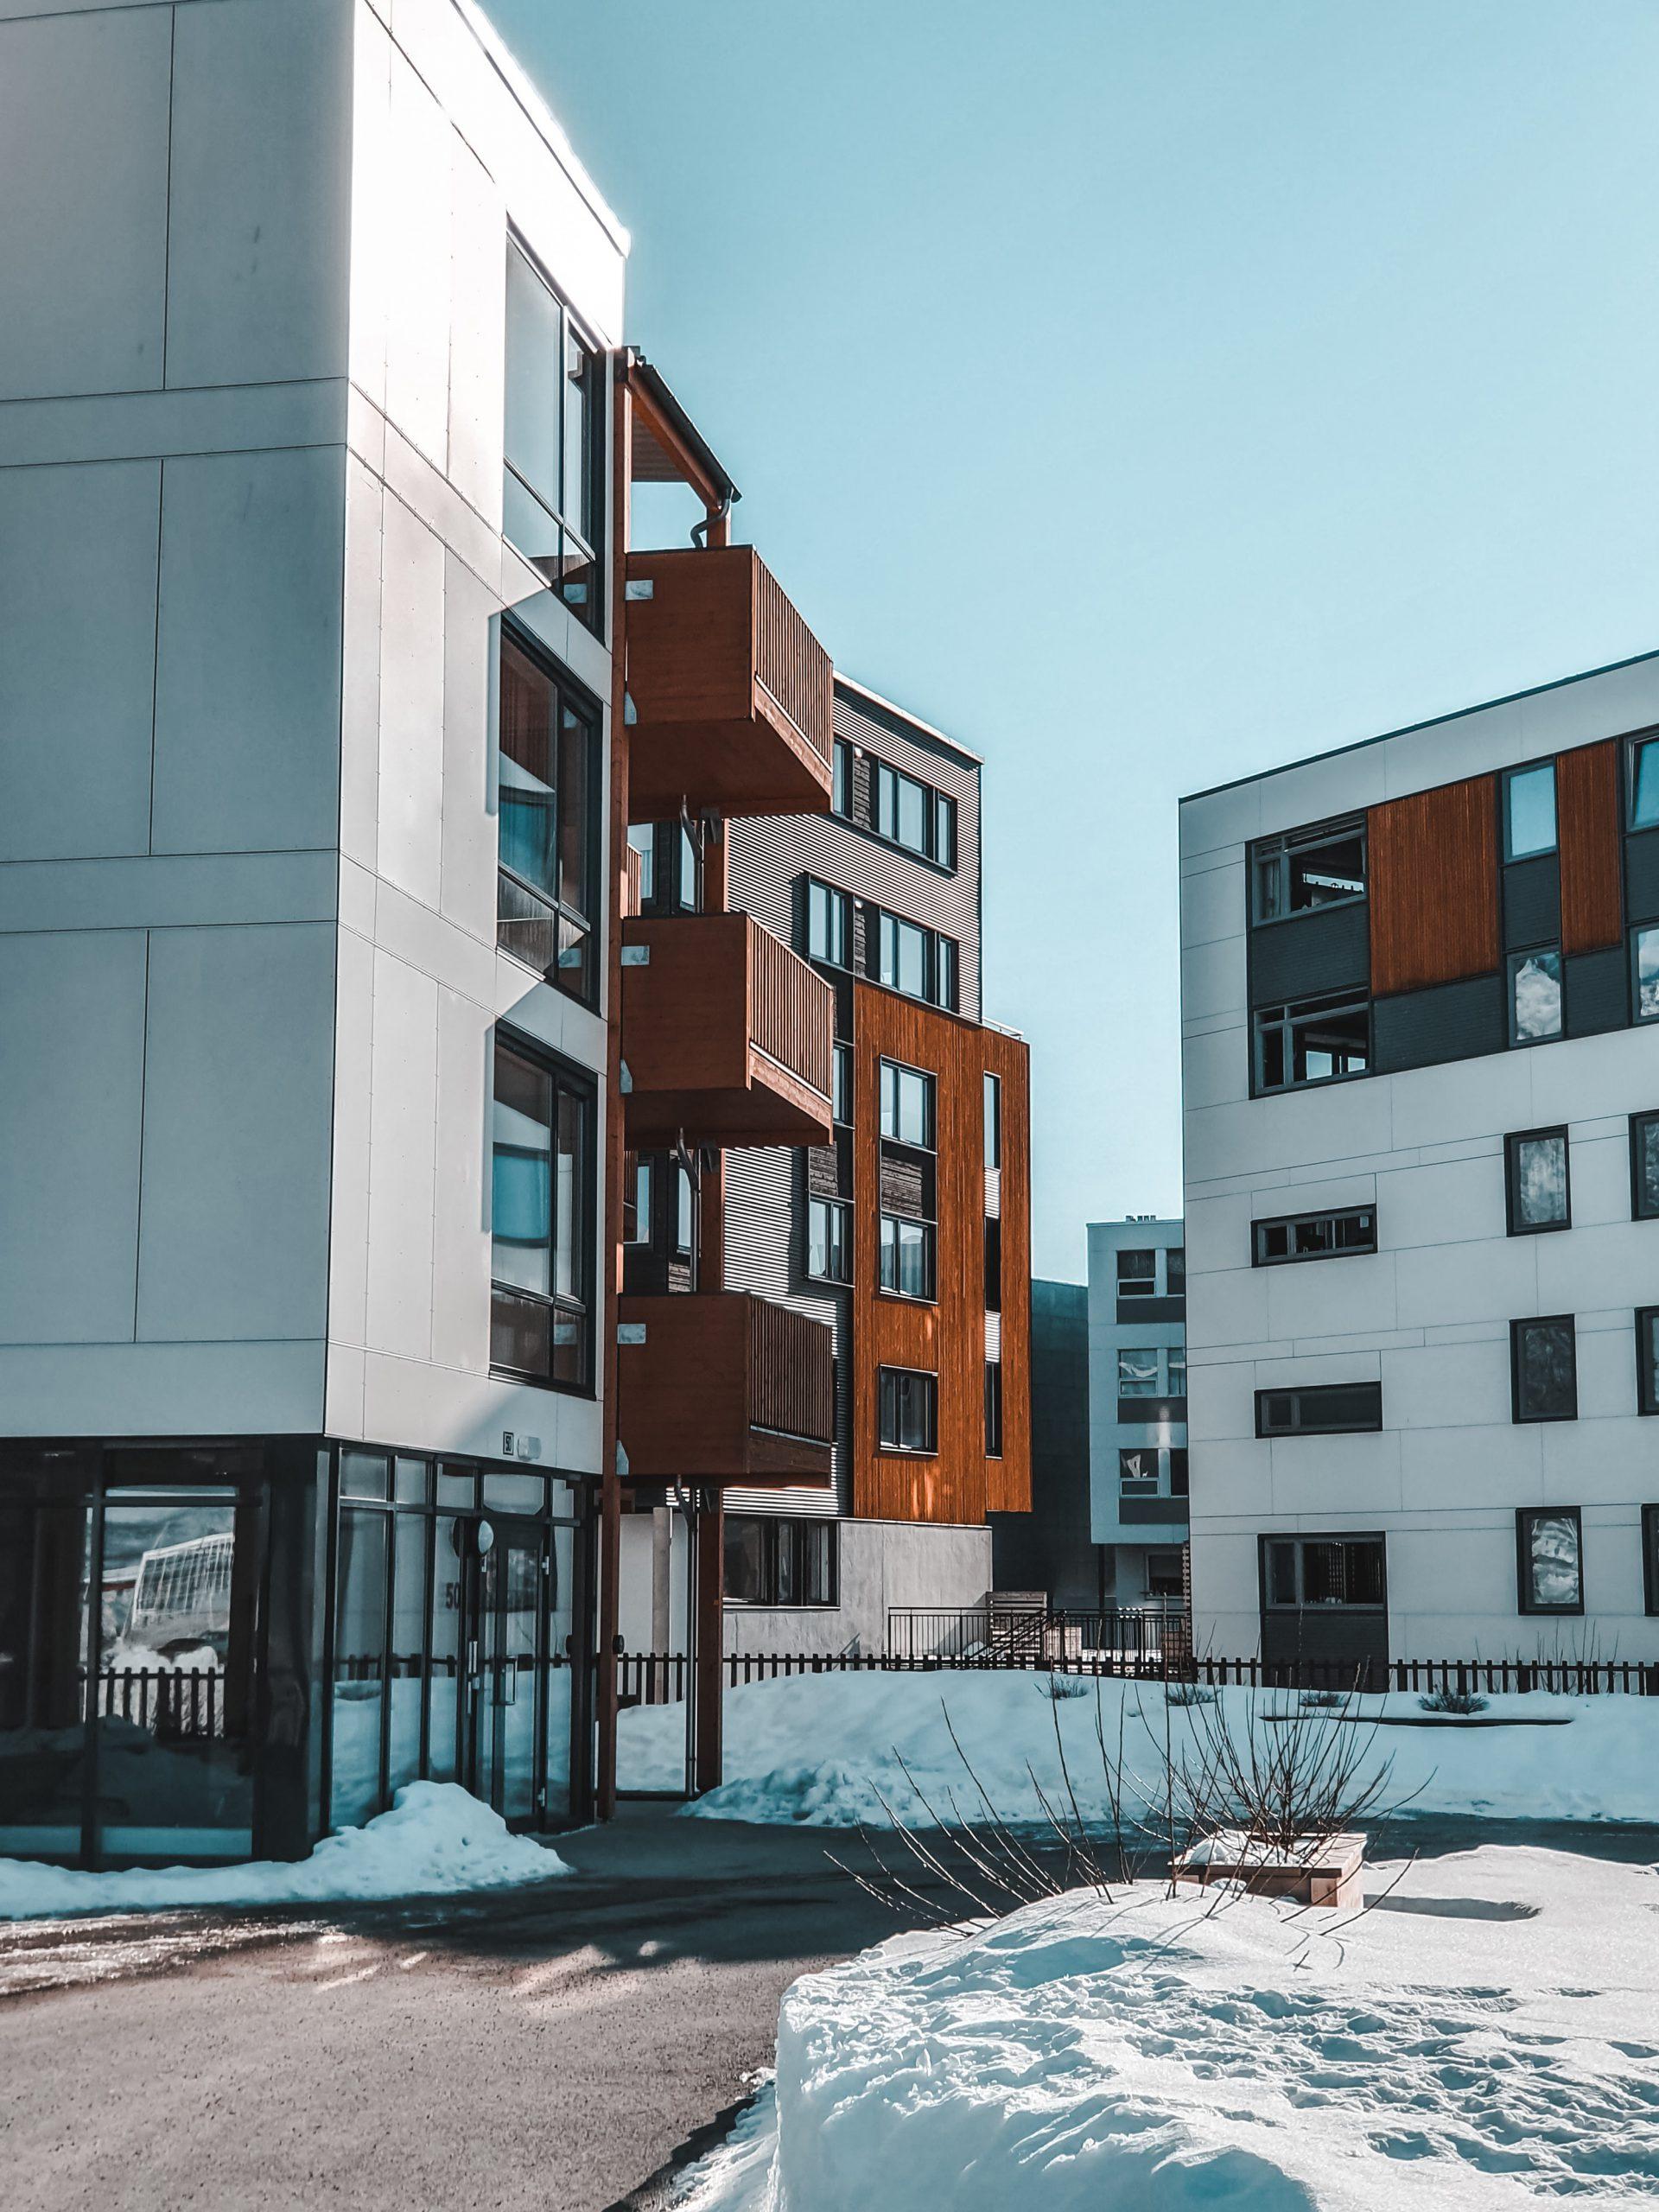 Nowe mieszkania Poznań - gdzie szukać i jakie przyjąć kryteria?